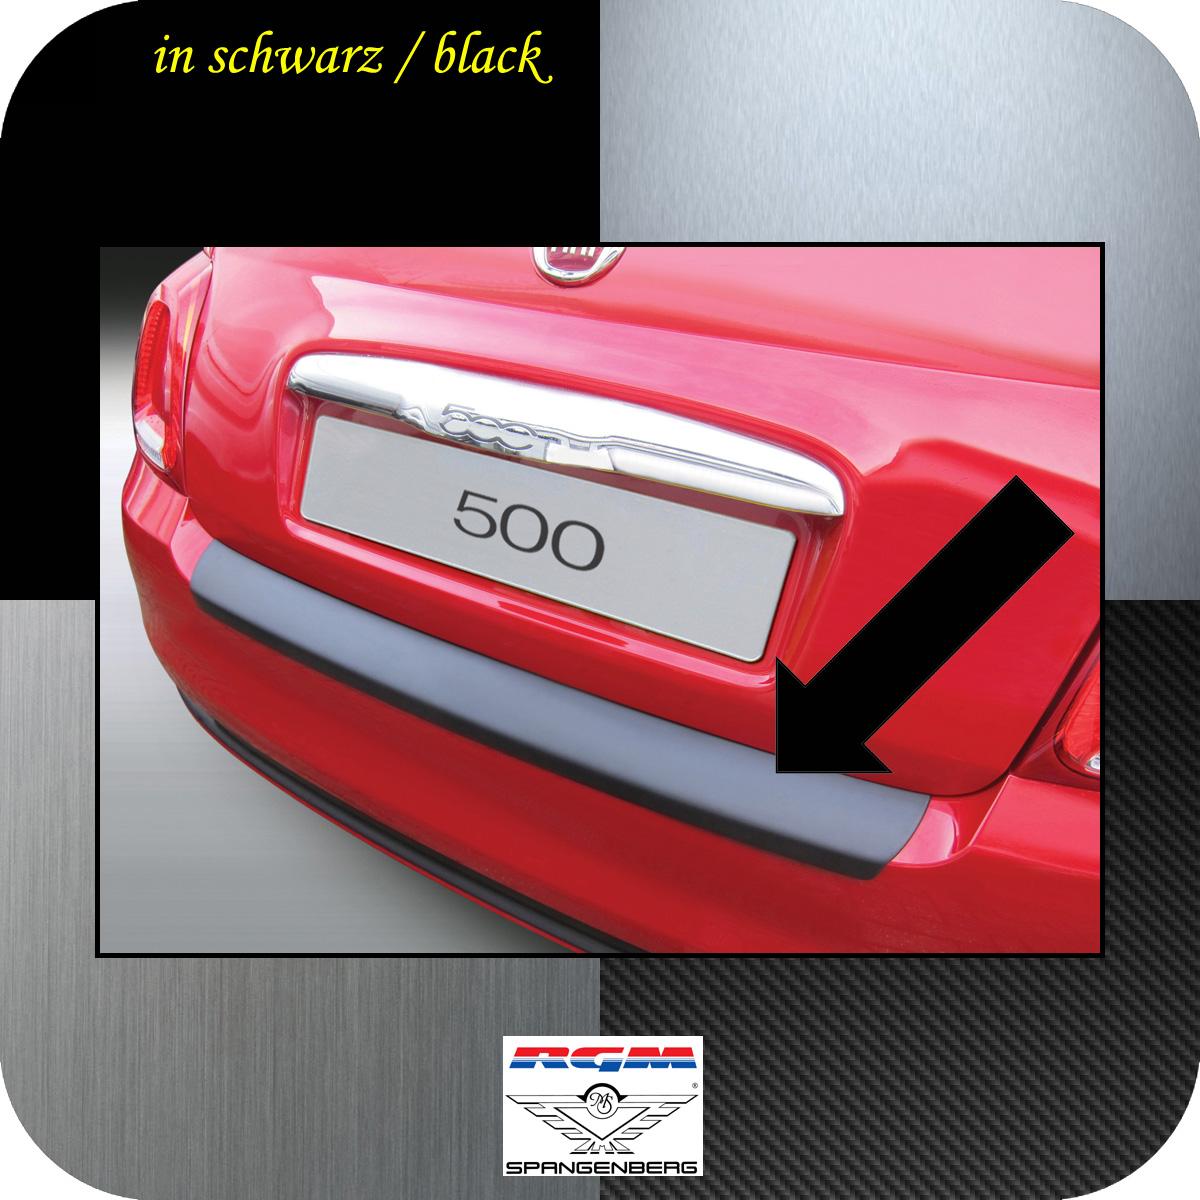 Ladekantenschutz schwarz Fiat 500 ab facelift Baujahr 2015- 3500914